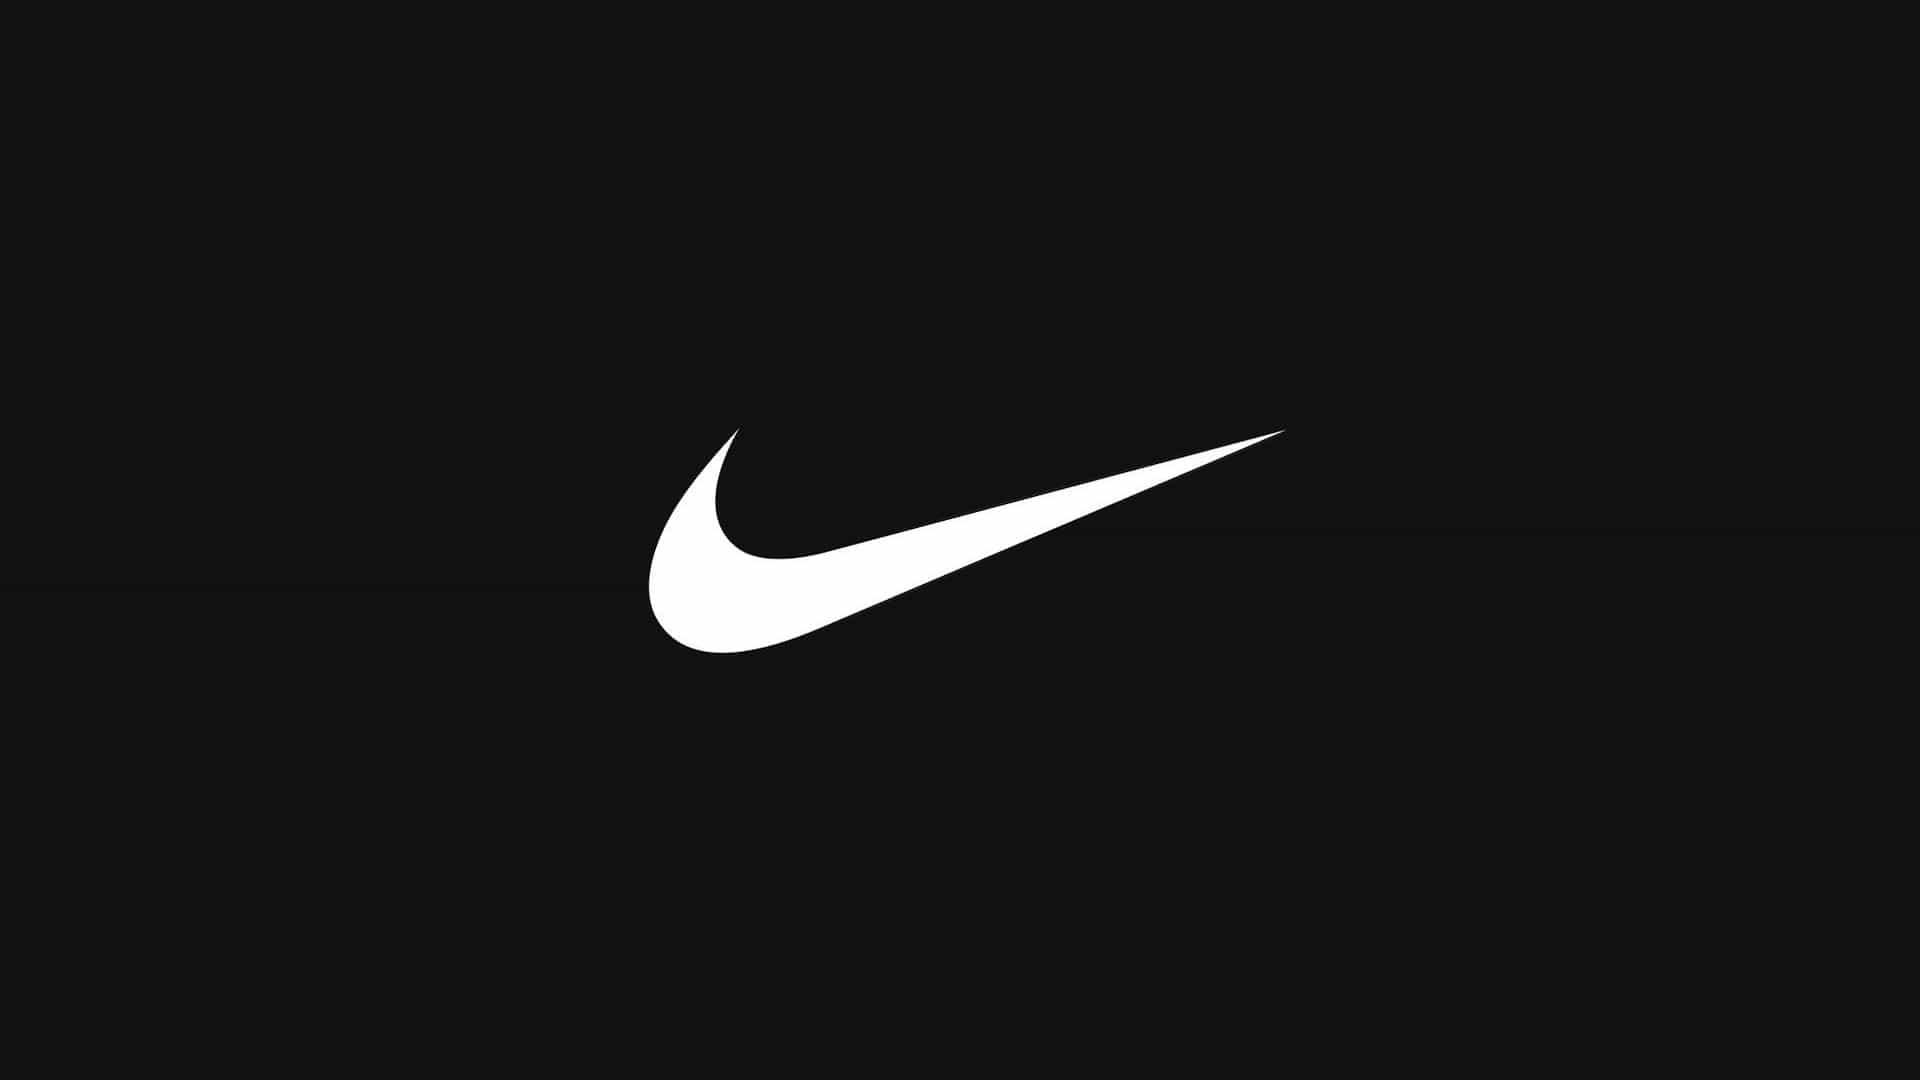 Los 10 mejores logotipos deportivos de todos los tiempos